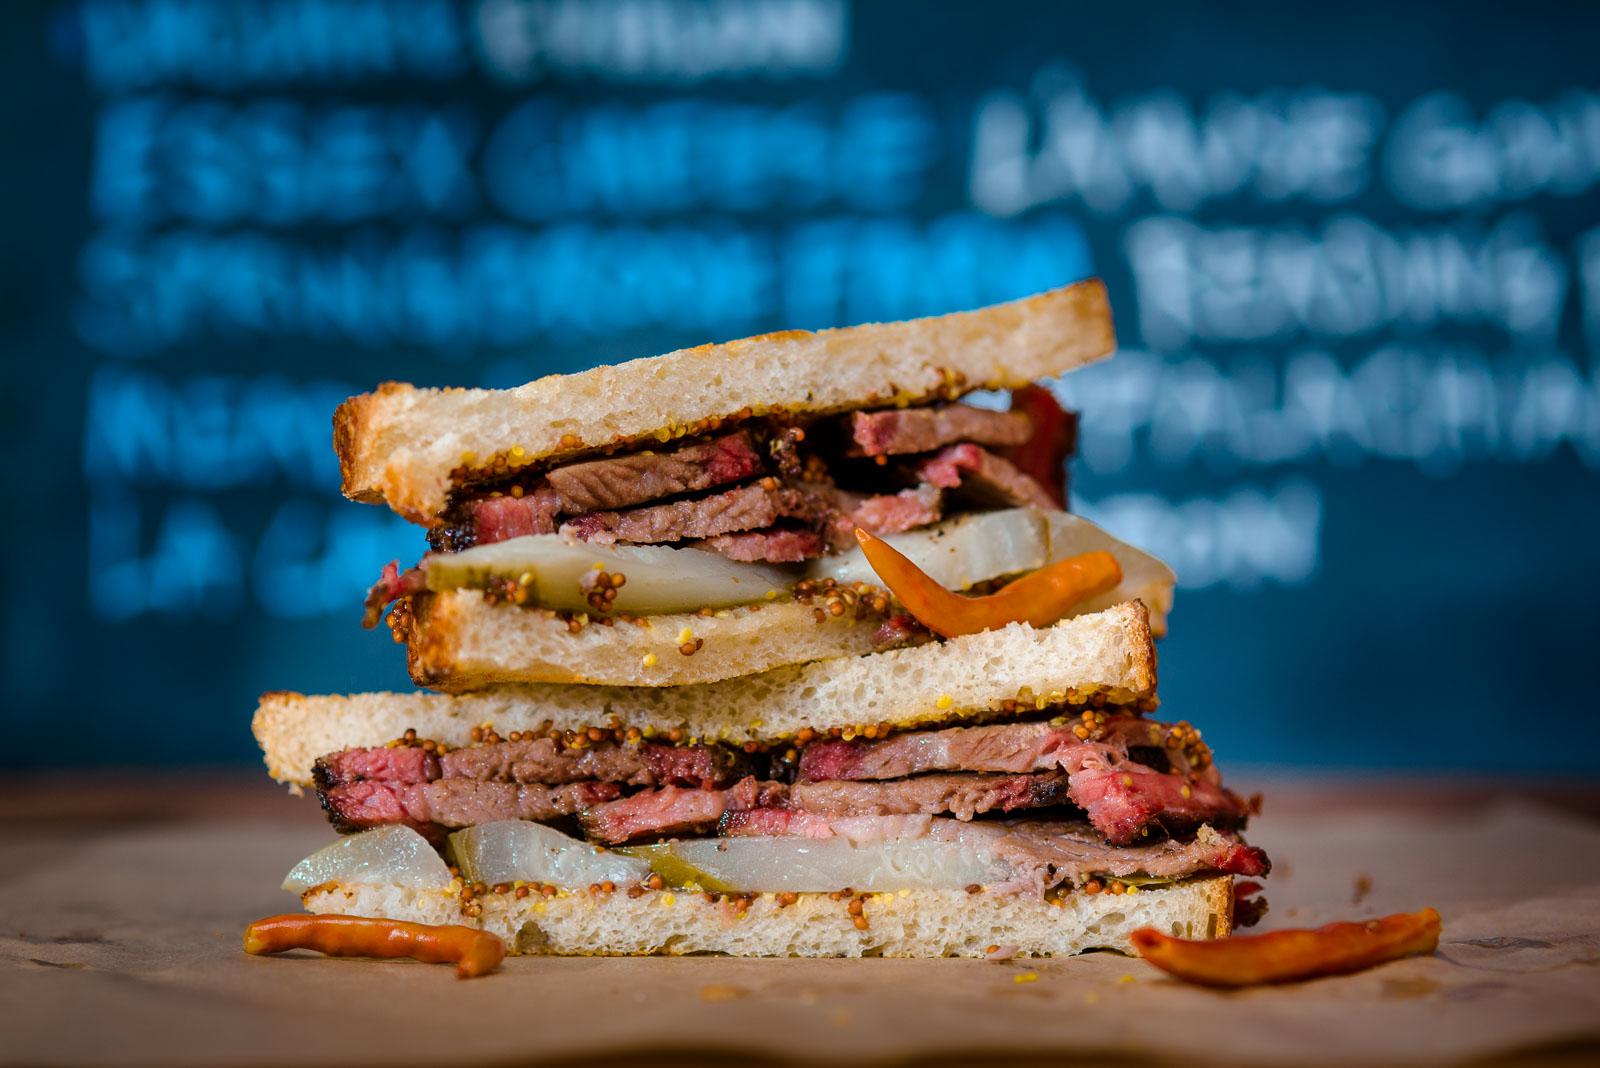 brisket sandwich at the Underground Butcher shop in Madison Wisconsin